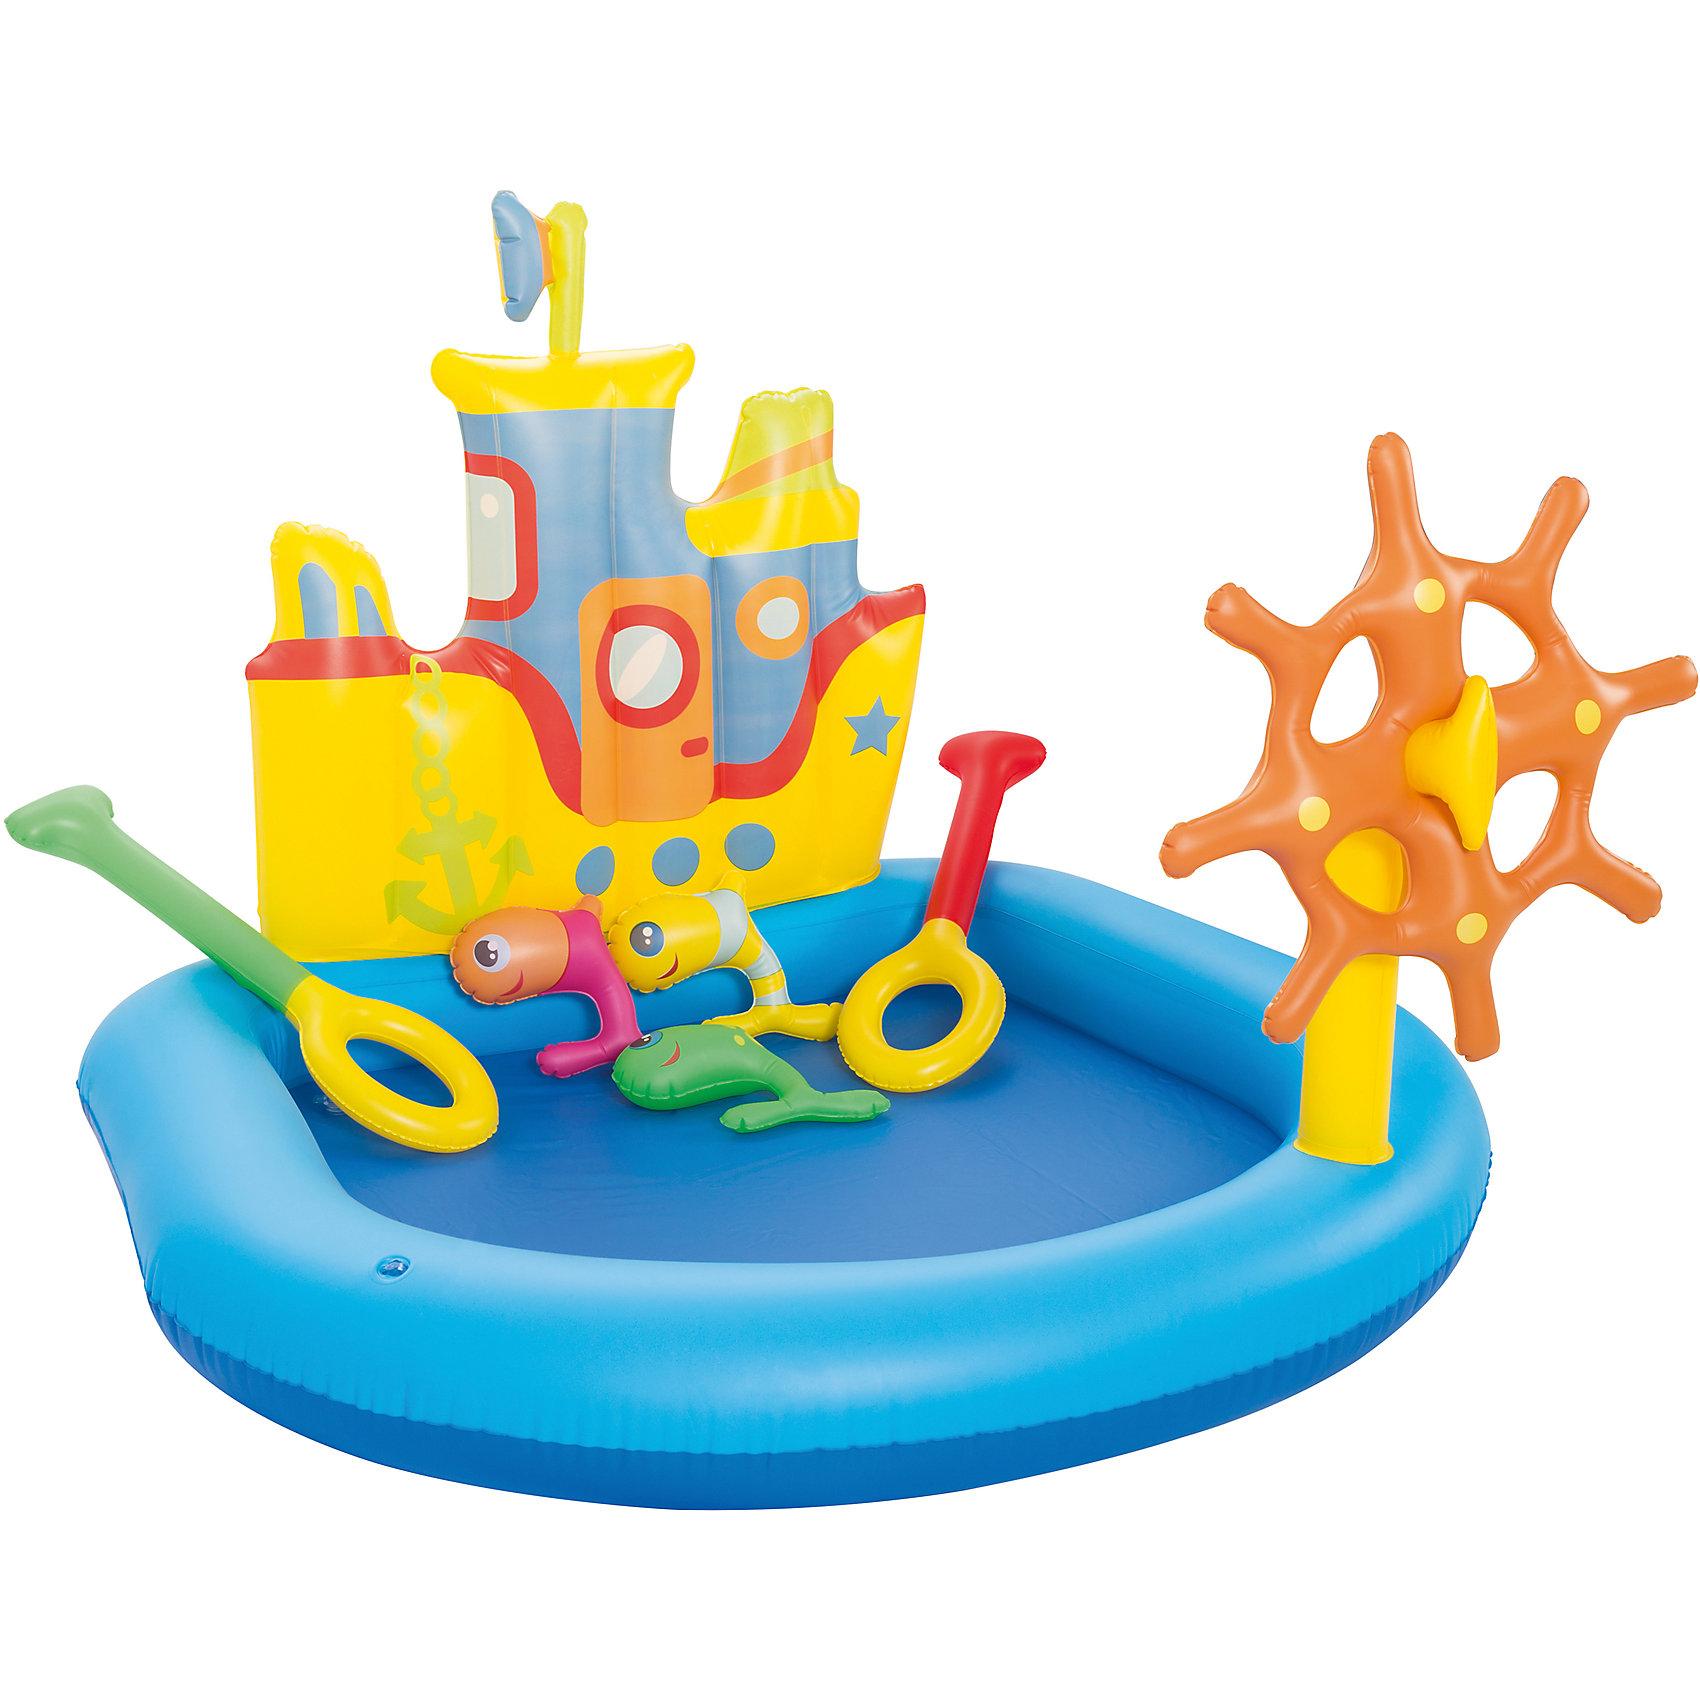 Игровой бассейн Кораблик с принадлежностями для игр, BestwayБассейны<br>Игровой бассейн Кораблик с принадлежностями для игр, Bestway (Бествей)<br><br>Характеристики: <br><br>• большой центр для игр с водой<br>• прочные материалы<br>• есть сливное отверстие<br>• в комплекте: кораблик, 2 весла, 3 рыбки, заплатка<br>• объем: 84 литра<br>• материал: ПВХ<br>• размер: 140х130х104 см<br>• вес: 1912 грамм<br>• размер упаковки: 7х30х29,5 см<br><br>Игровой бассейн позволит вашему ребенку весело провести время на свежем воздухе. Бассейн выполнен в виде корабля со штурвалом и площадкой для игры. В комплект входят два весла и три рыбки разных цветов. Ребенок сможет представить себя настоящим капитаном и устроить веселые игры в воде. Бассейн можно установить на любом участке .<br><br>Игровой бассейн Кораблик с принадлежностями для игр, Bestway (Бествей) вы можете купить в нашем интернет-магазине.<br><br>Ширина мм: 450<br>Глубина мм: 315<br>Высота мм: 320<br>Вес г: 1912<br>Возраст от месяцев: 24<br>Возраст до месяцев: 2147483647<br>Пол: Унисекс<br>Возраст: Детский<br>SKU: 5486905